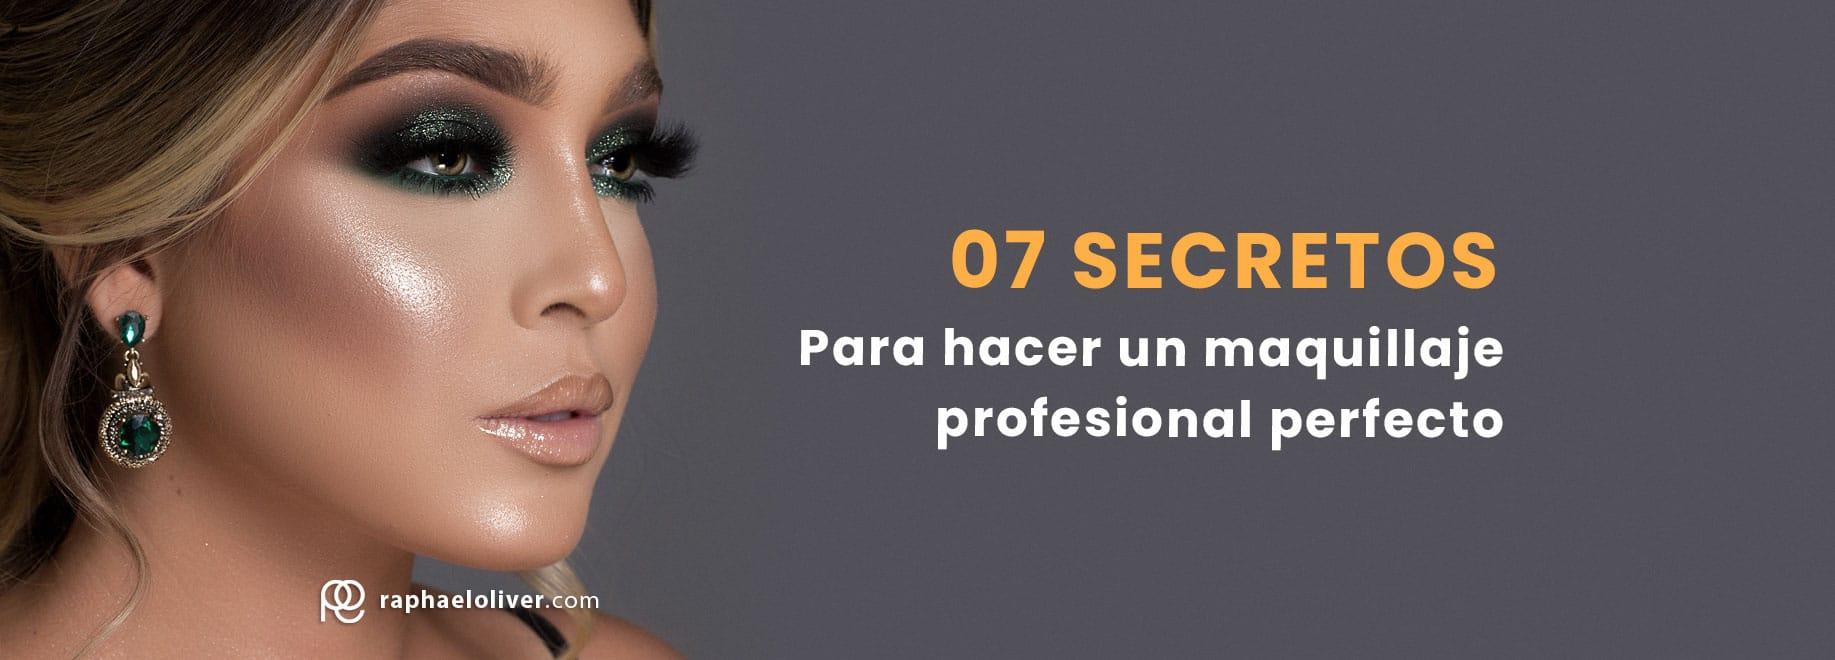 07 secretos para hacer un maquillaje profesional perfecto